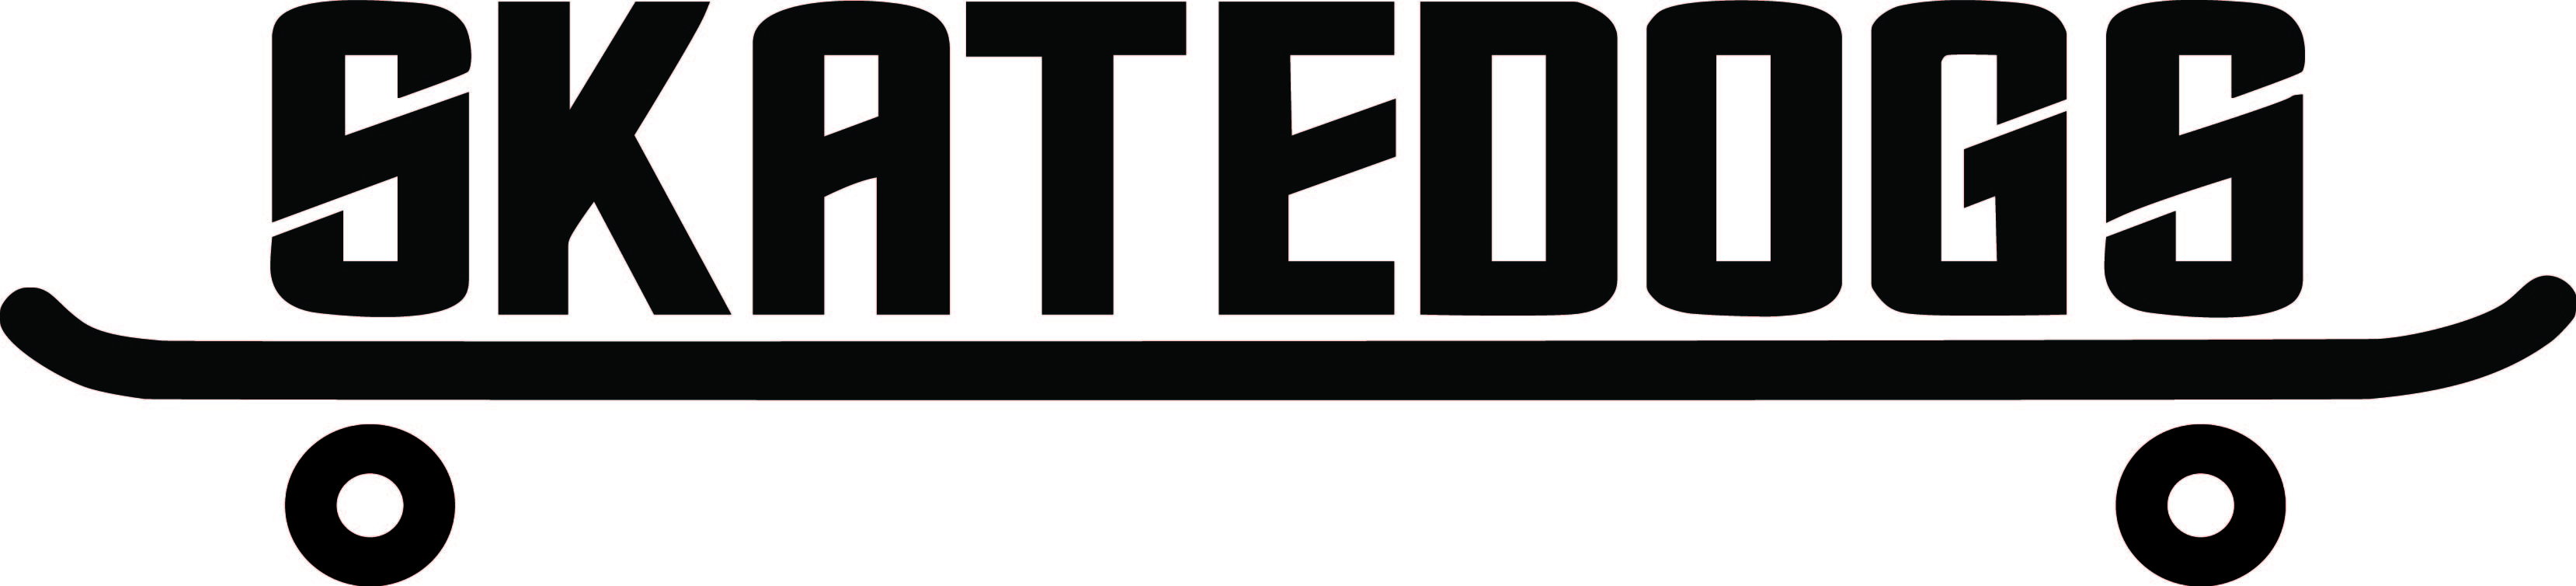 SKate Dogs Logo